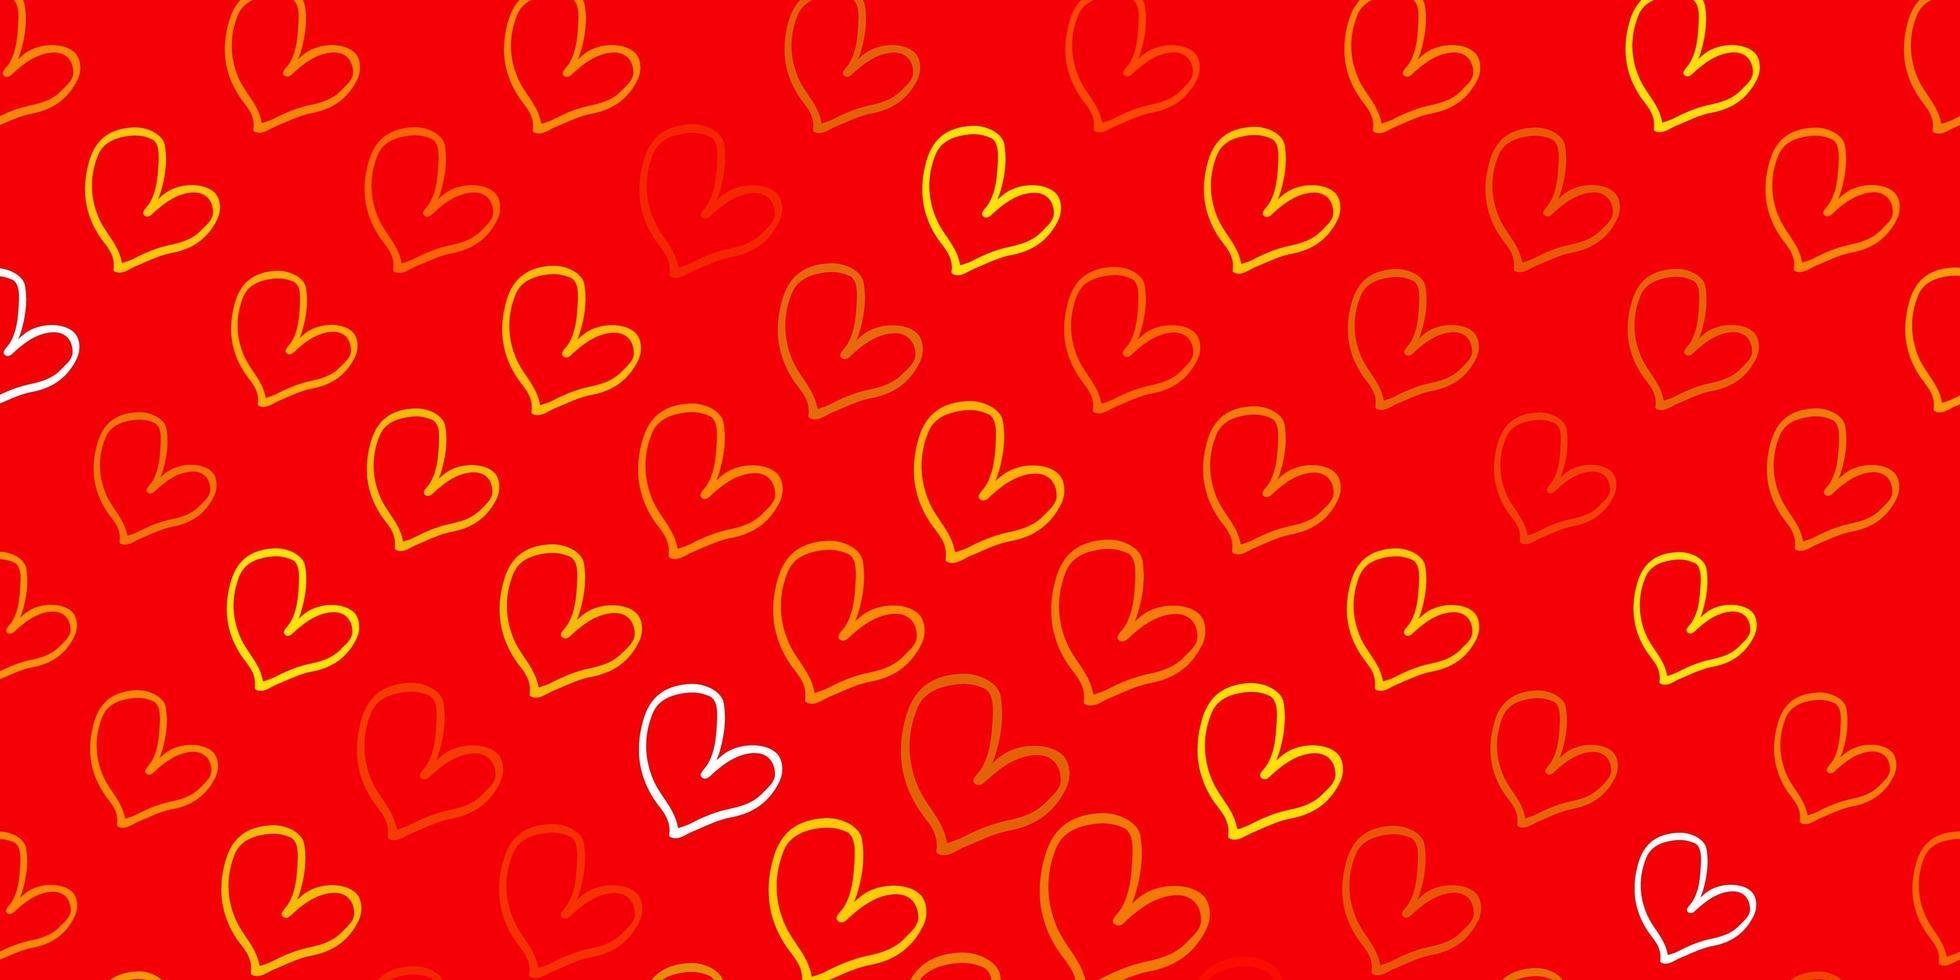 hellgrüner, gelber Vektorhintergrund mit süßen Herzen. vektor